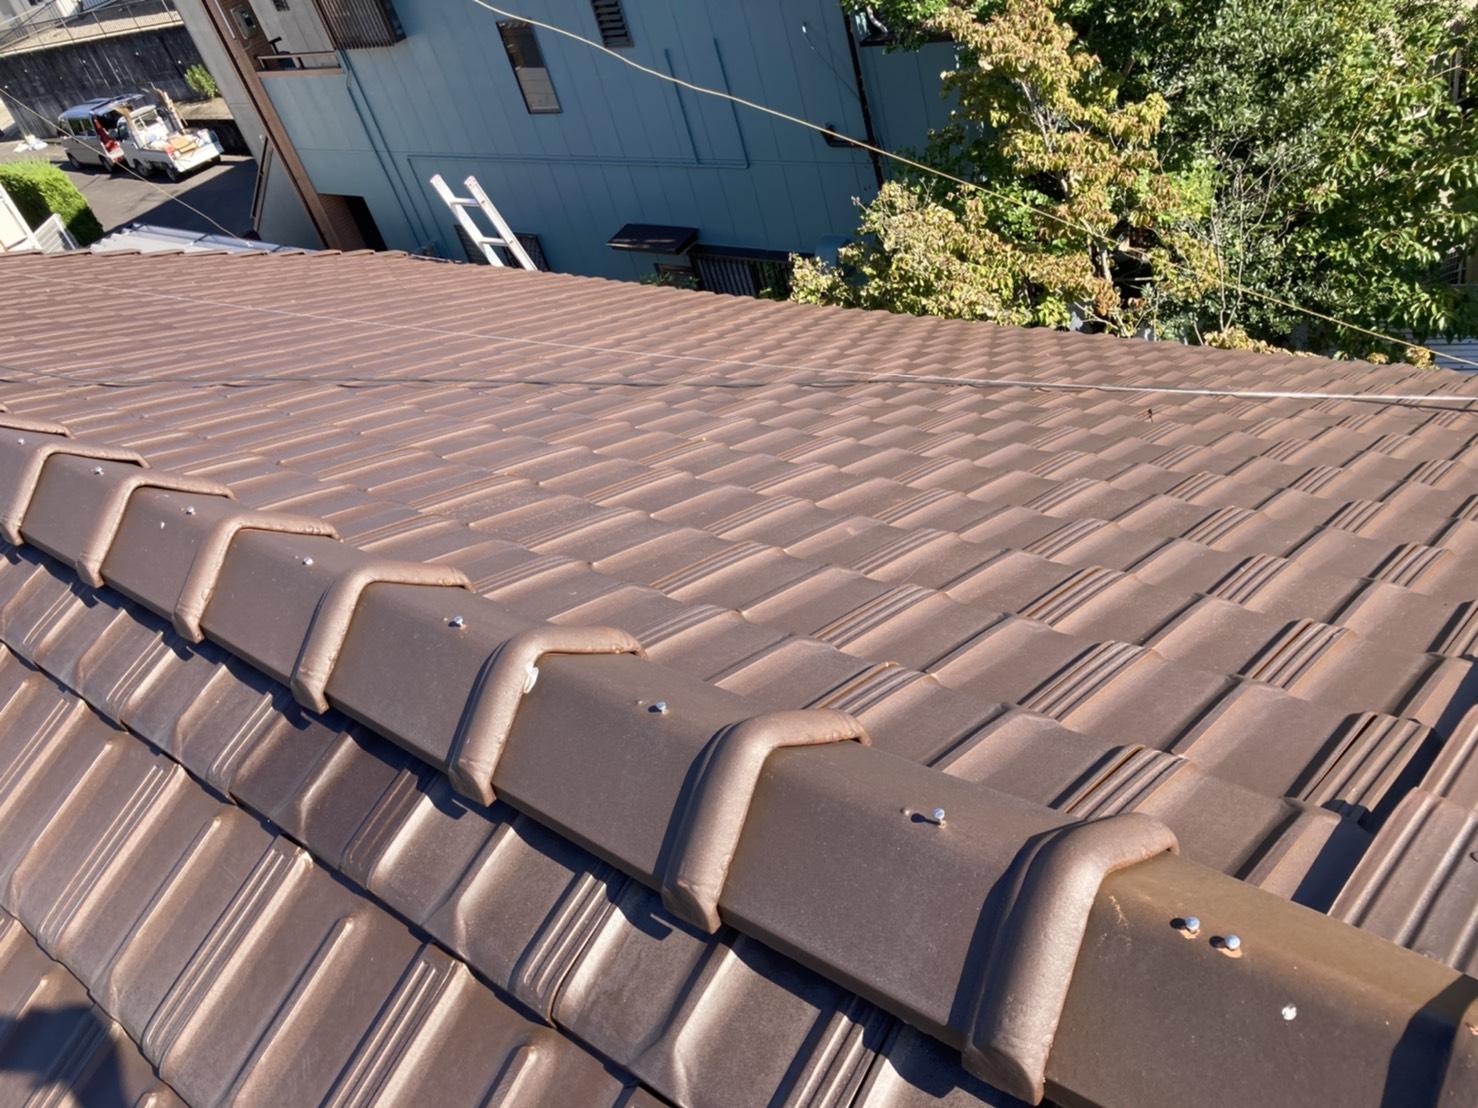 割れも抜けもないとてもきれいな屋根でした